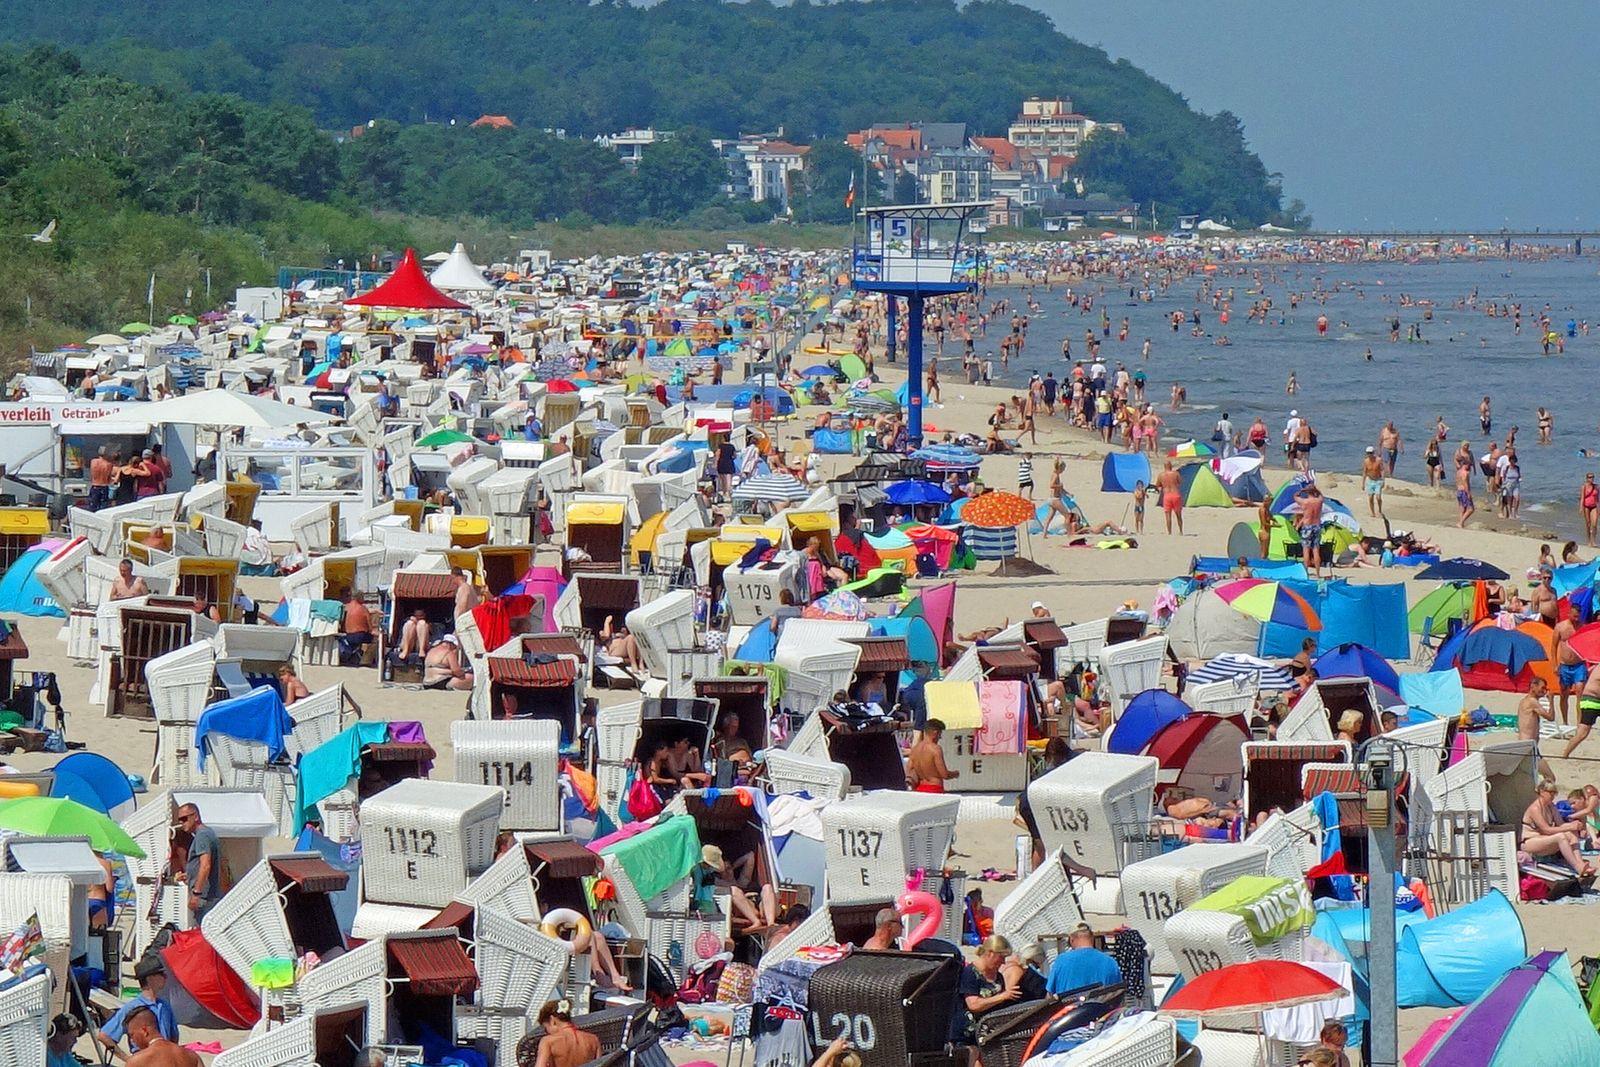 News Themen der Woche KW29 News Bilder des Tages Sommerferien in Deutschland. Voller Strand in Heringsdorf auf Usedom, t